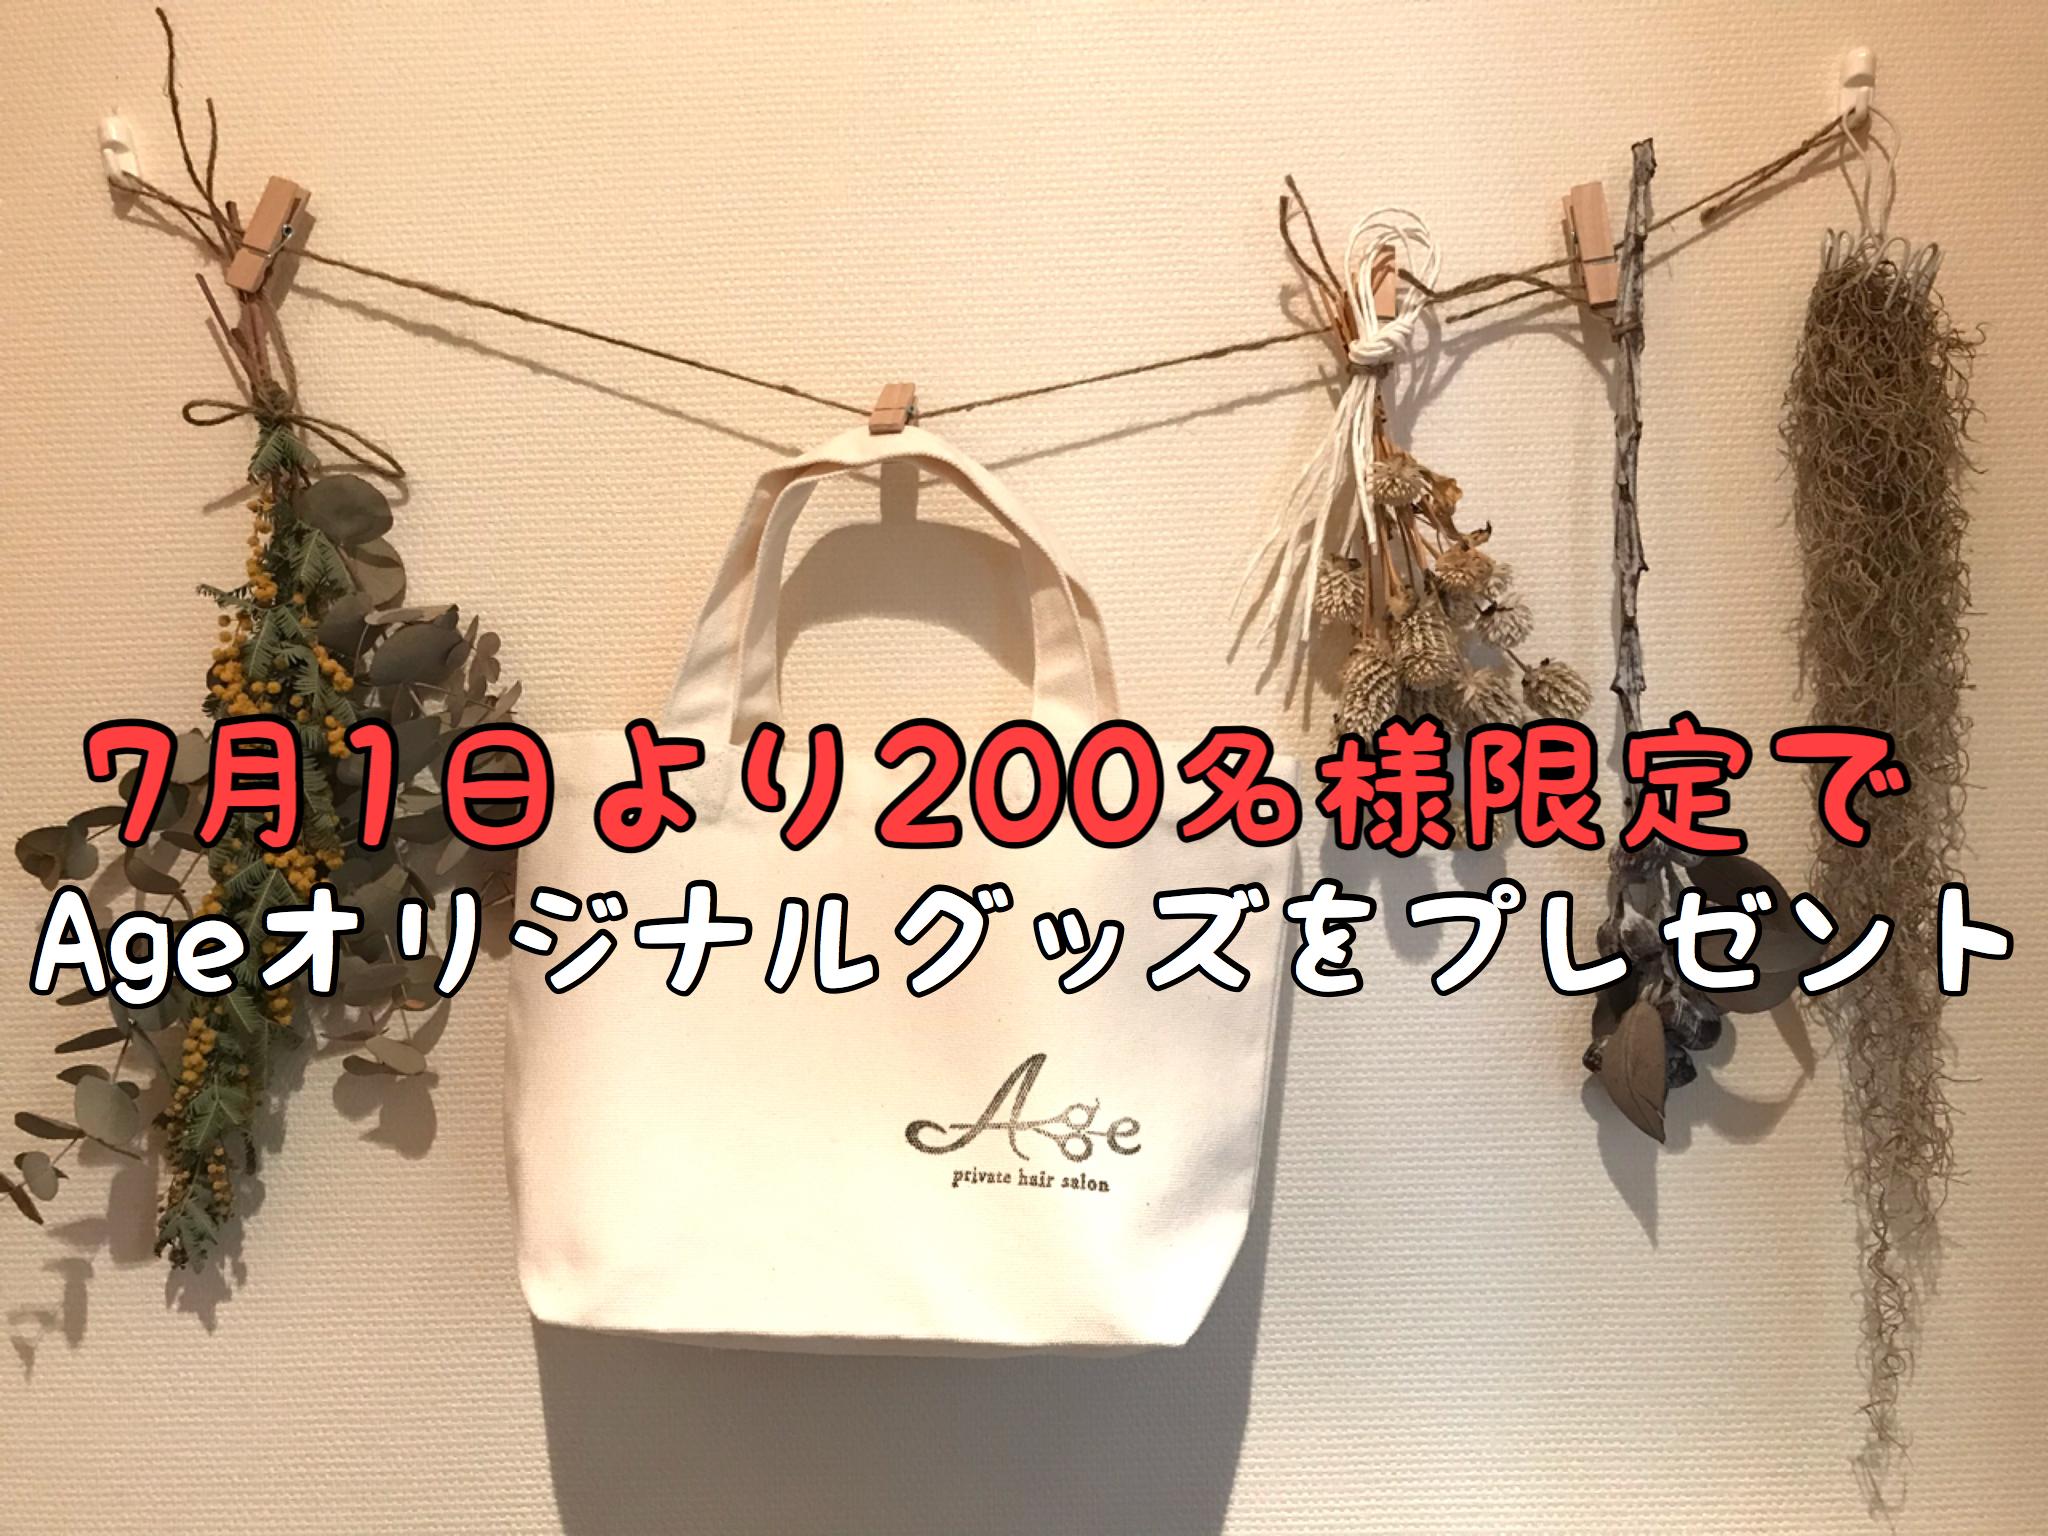 【限定】7月1日より当店オリジナルアイテムを数量限定でプレゼントします!